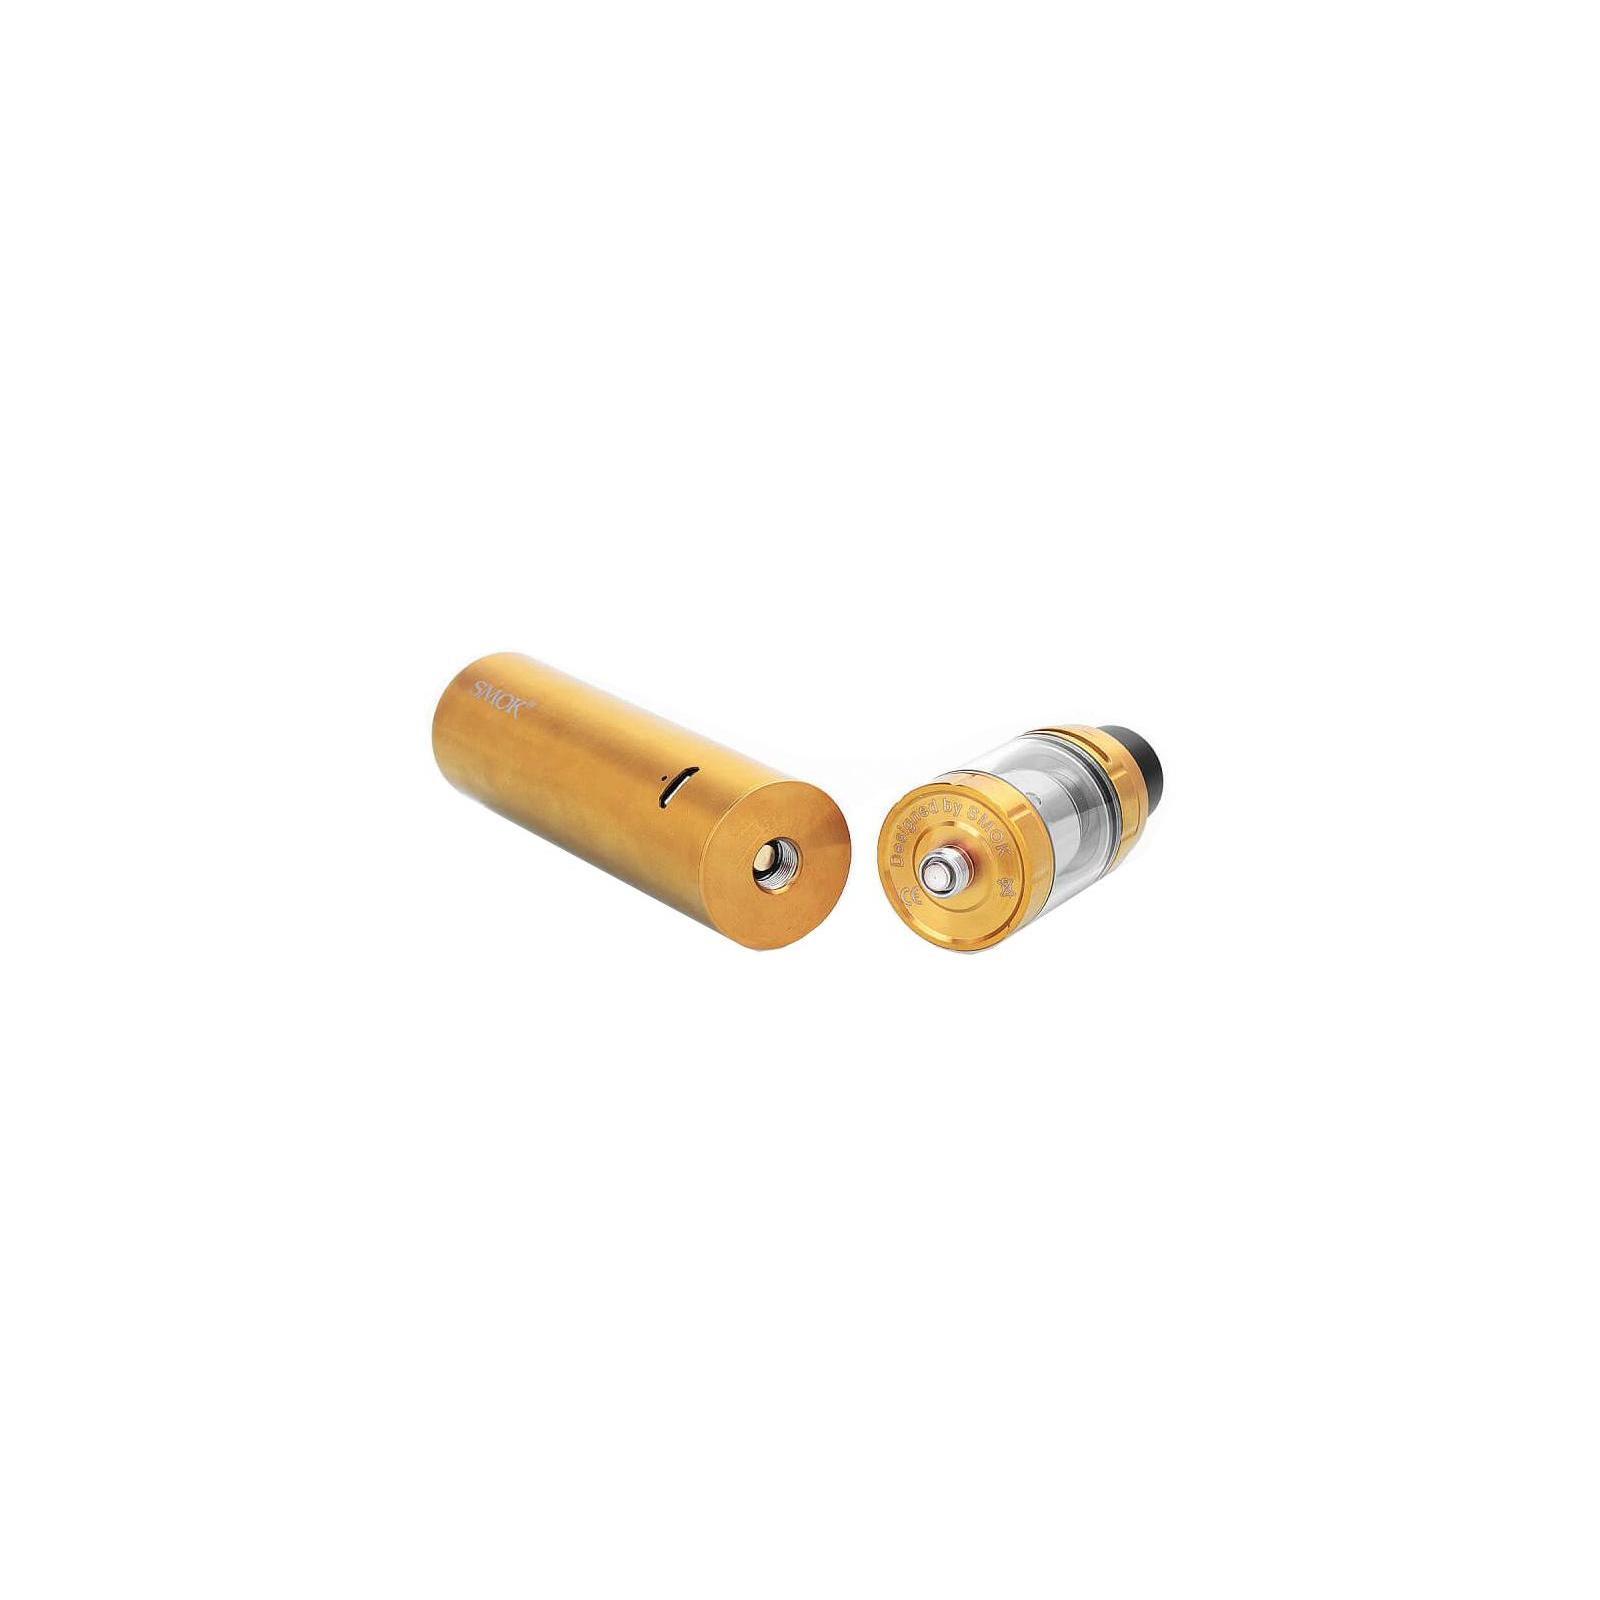 Стартовый набор Smok Stick X8 Gold (SMSX8KG) изображение 2